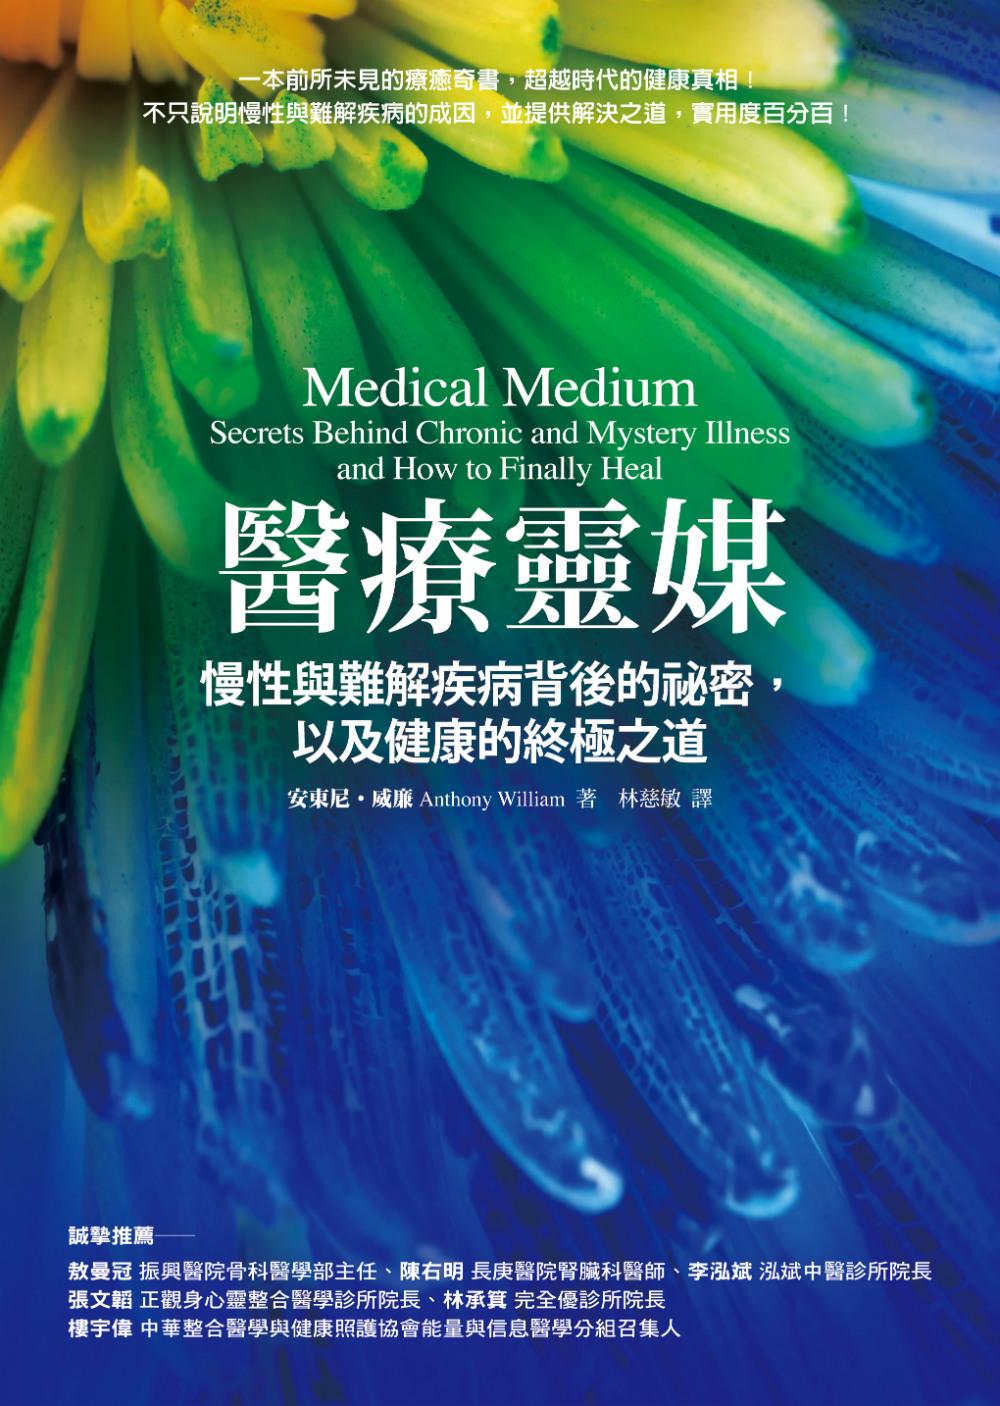 醫療靈媒:慢性與難解疾病背後的祕密,以及健康的終極之道:慢性與難解疾病背後的祕密,以及健康的終極之道 (電子書)